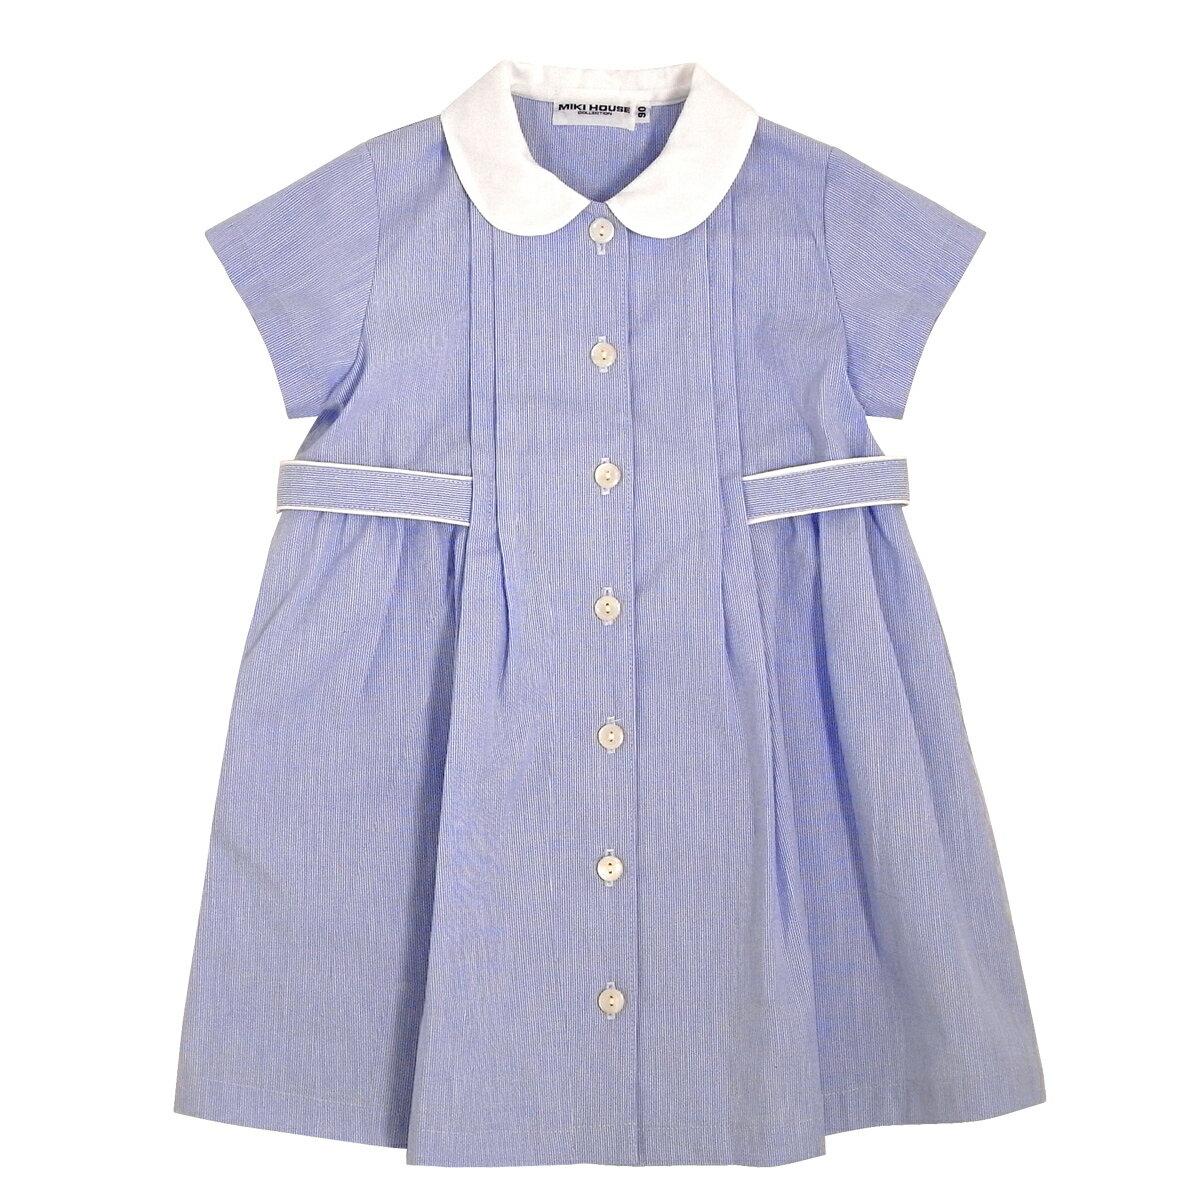 公式ショップ【ミキハウス(フォーマル)】ブルーの丸襟半袖ワンピース(120cm・130cm)